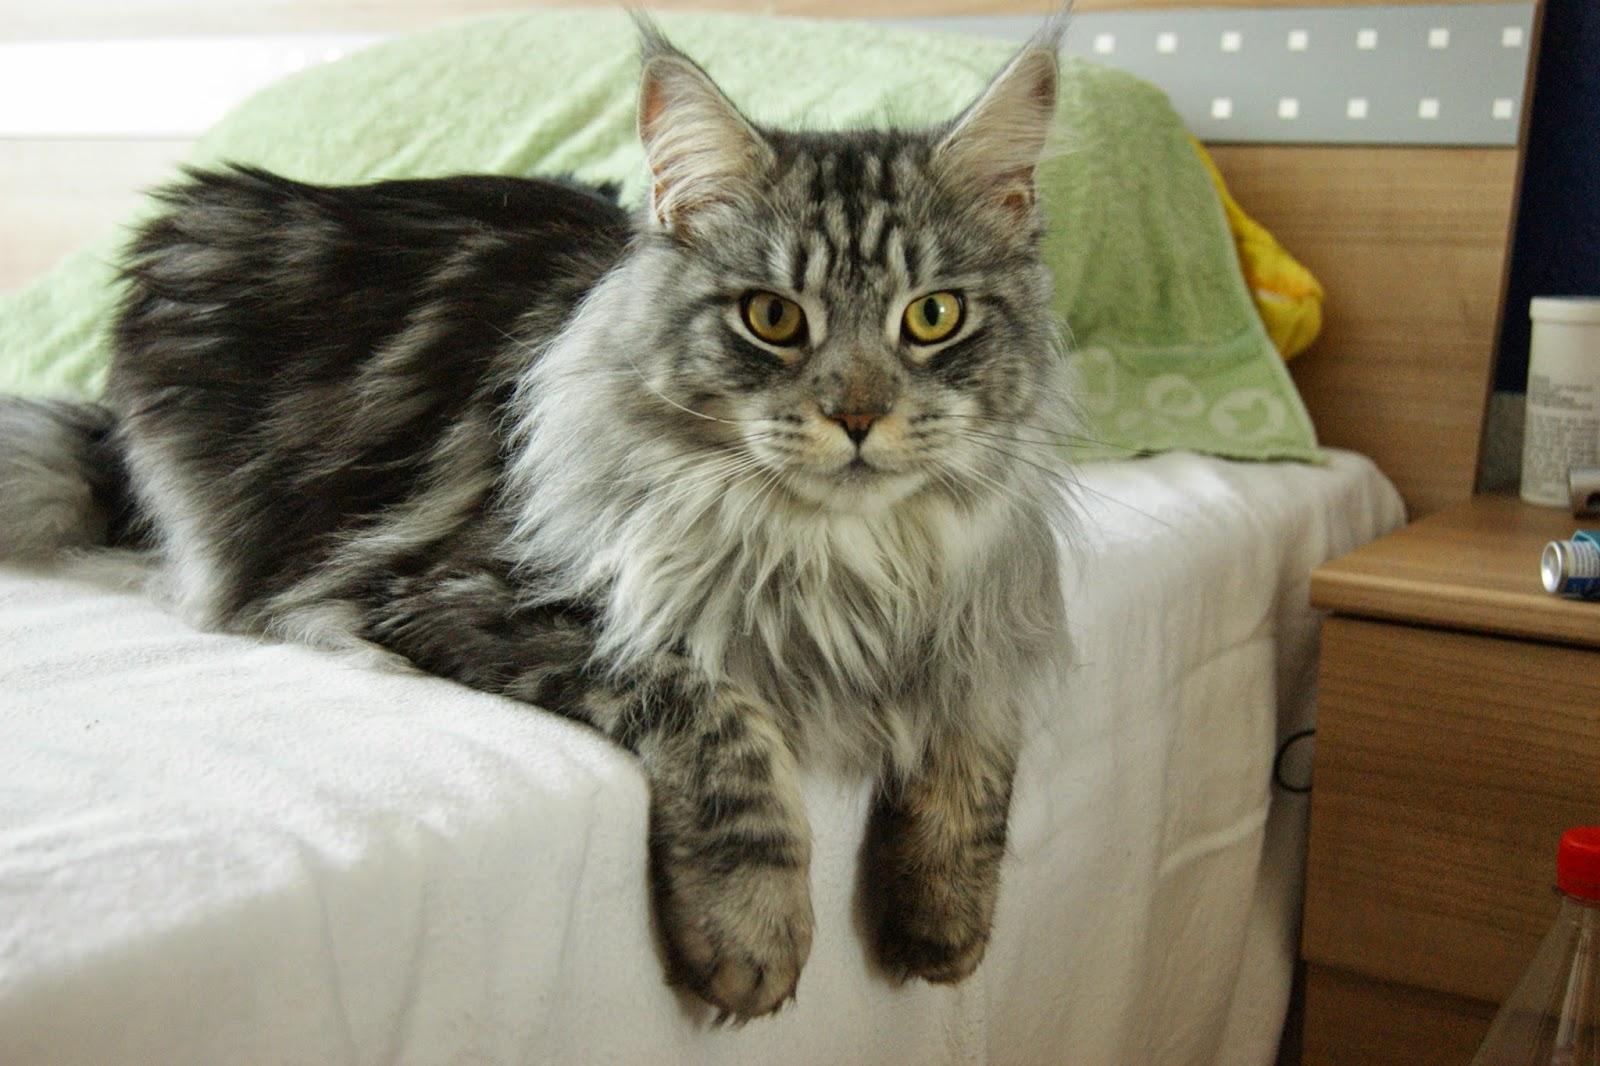 foto maine coon, kucing cantik, kucing lucu, gambar kucing maine coon